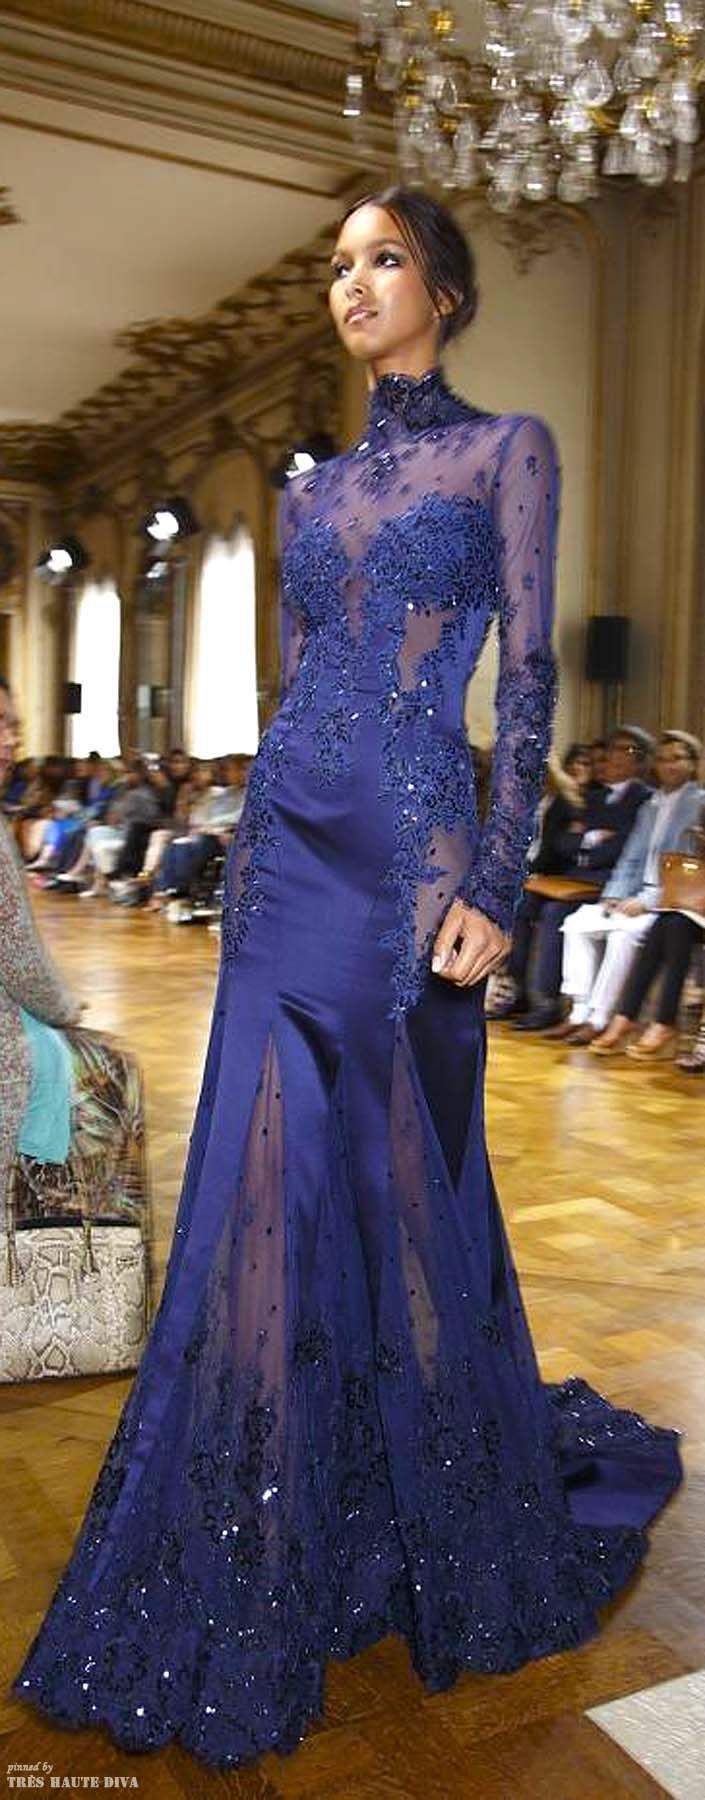 Robe zuhair murad idée création pinterest zuhair murad robe